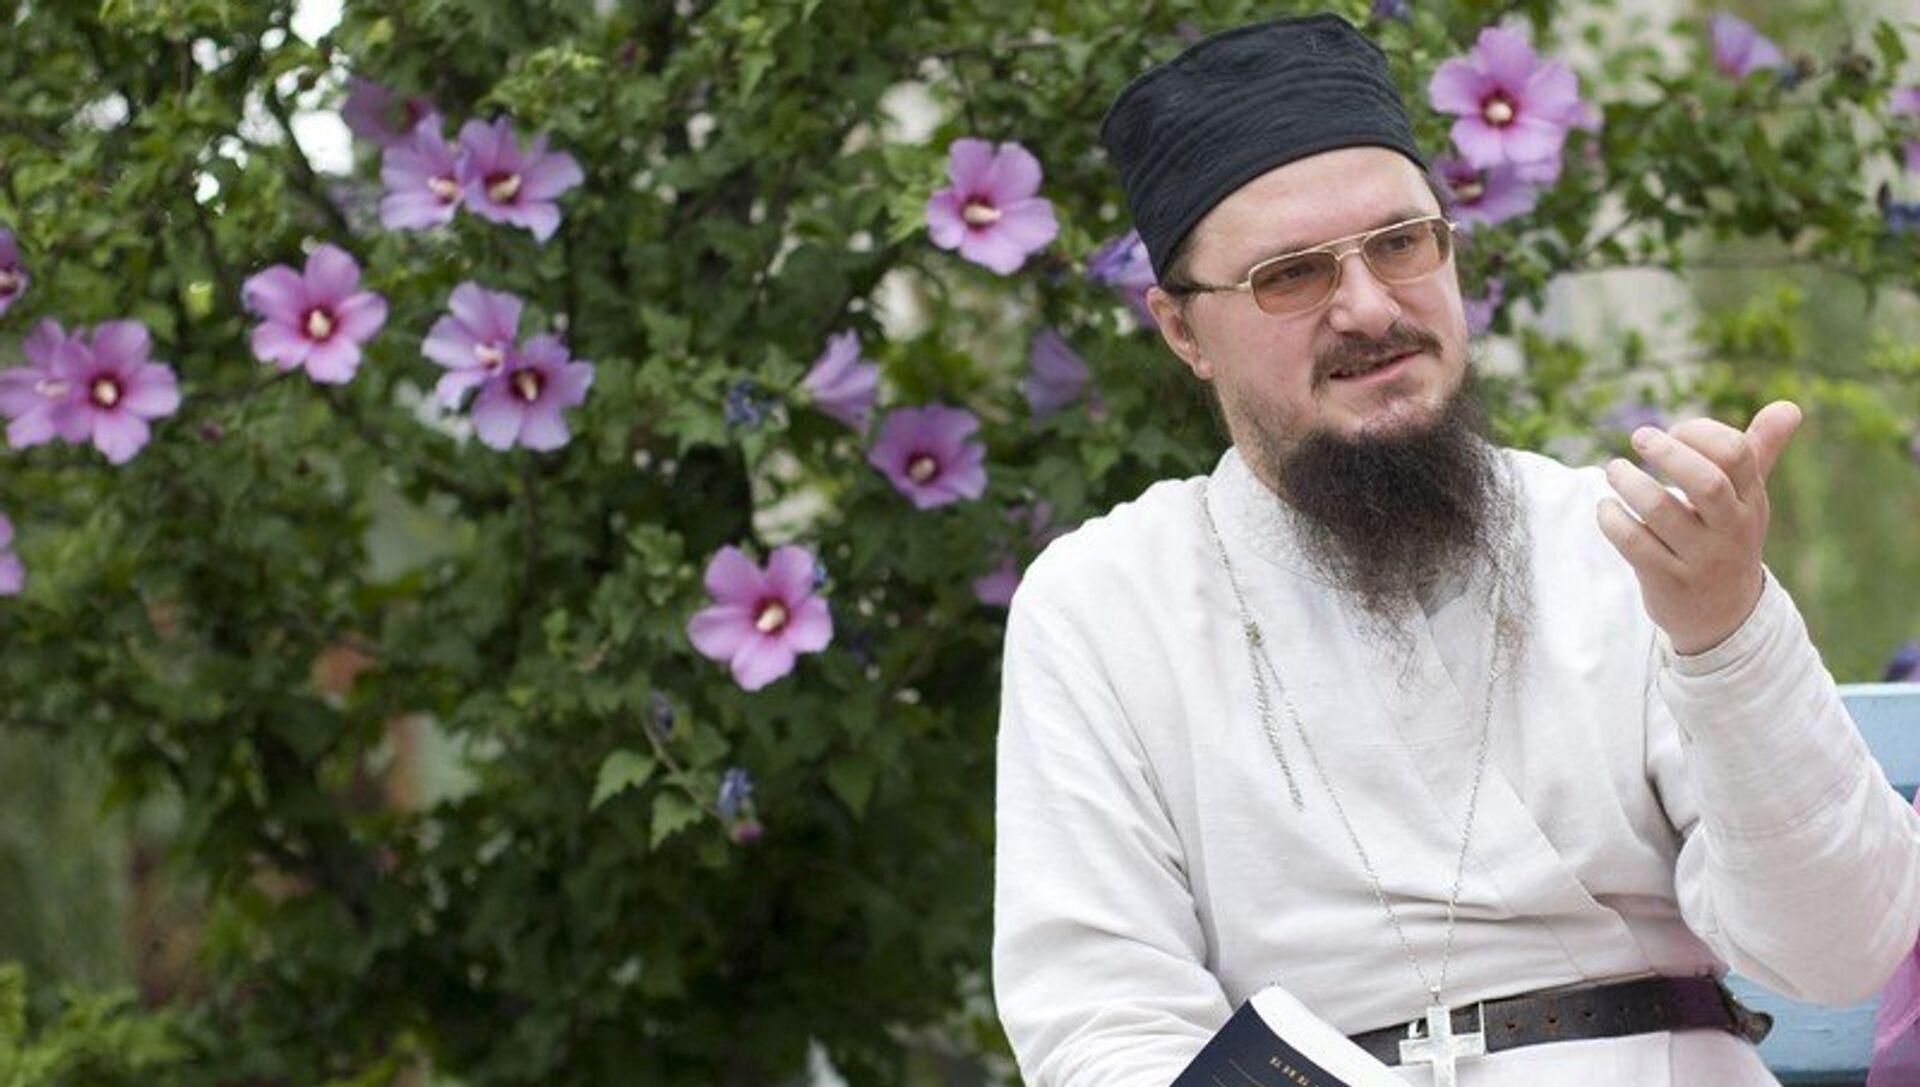 Священник Даниил Сысоев. Архивное фото - РИА Новости, 1920, 20.11.2017